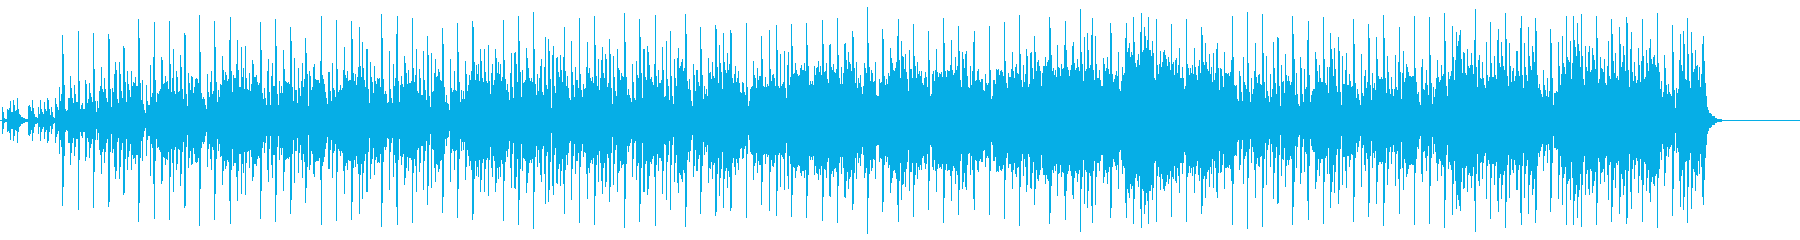 オリエンタルなムードのポップ/BGの再生済みの波形